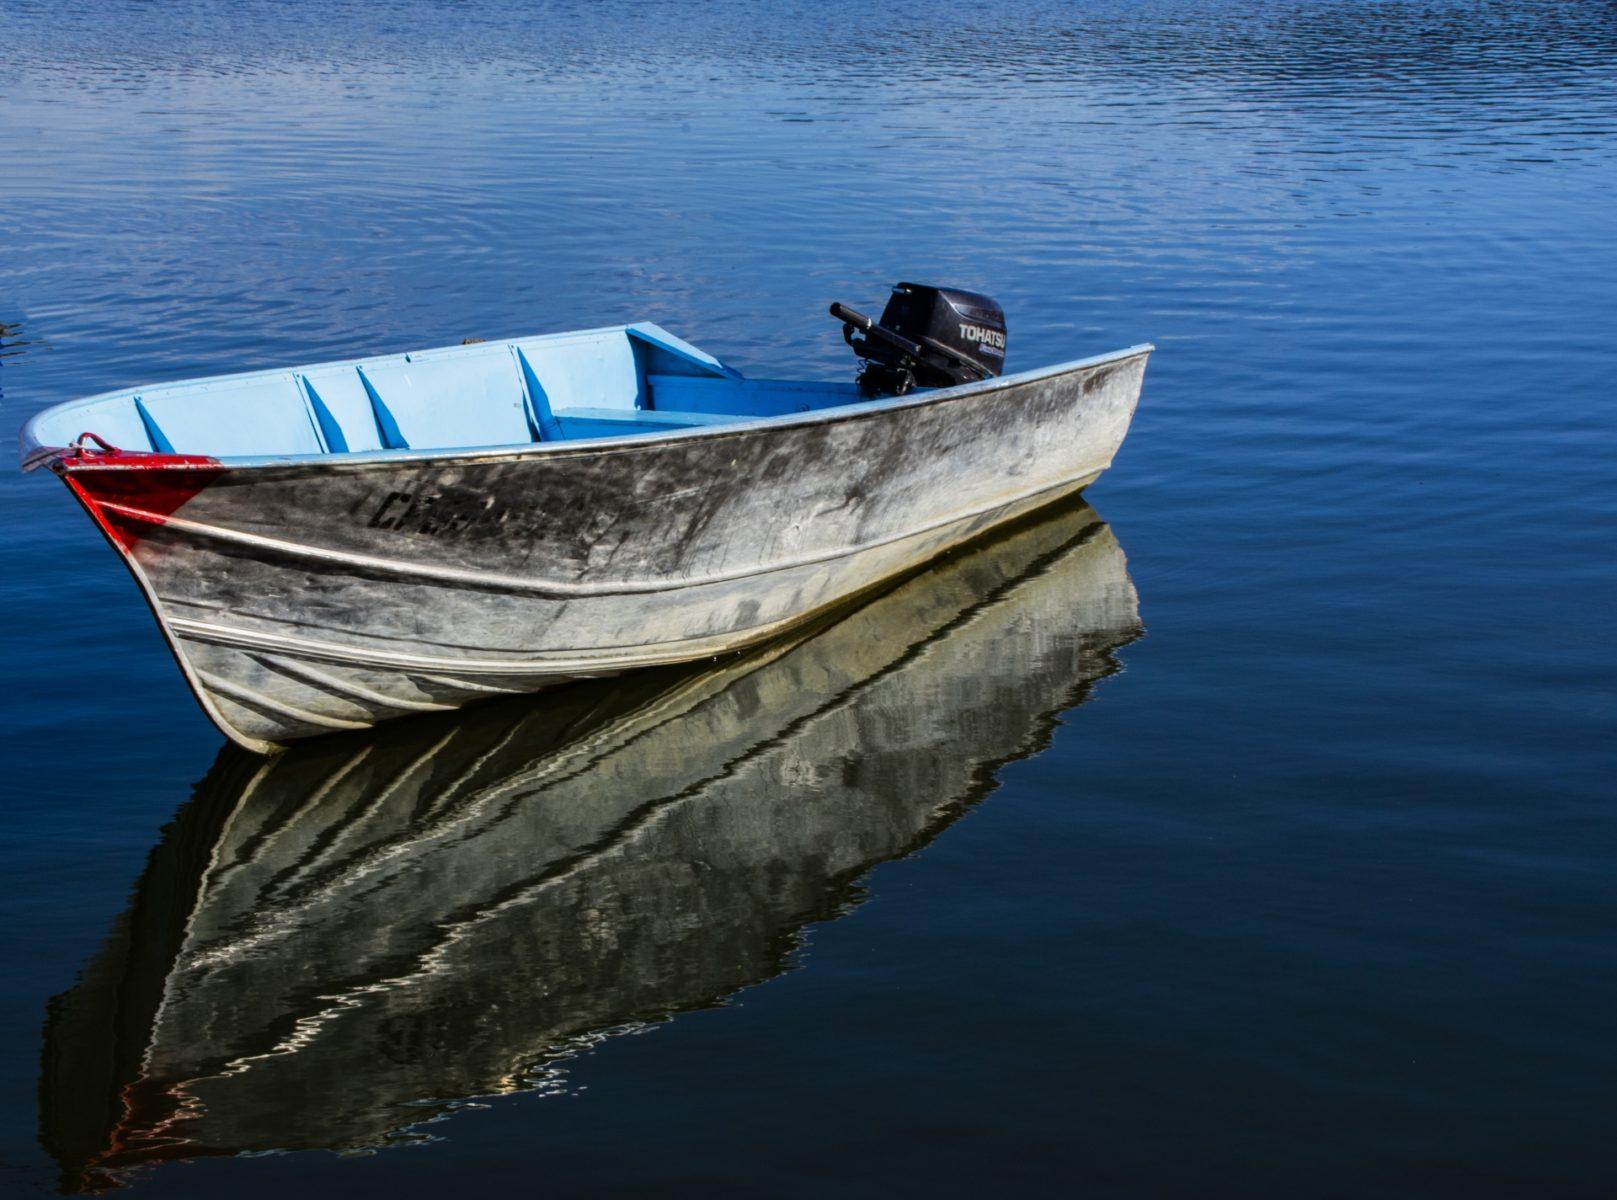 Два человека утонули в результате опрокидывания катера на озере Нарочь.